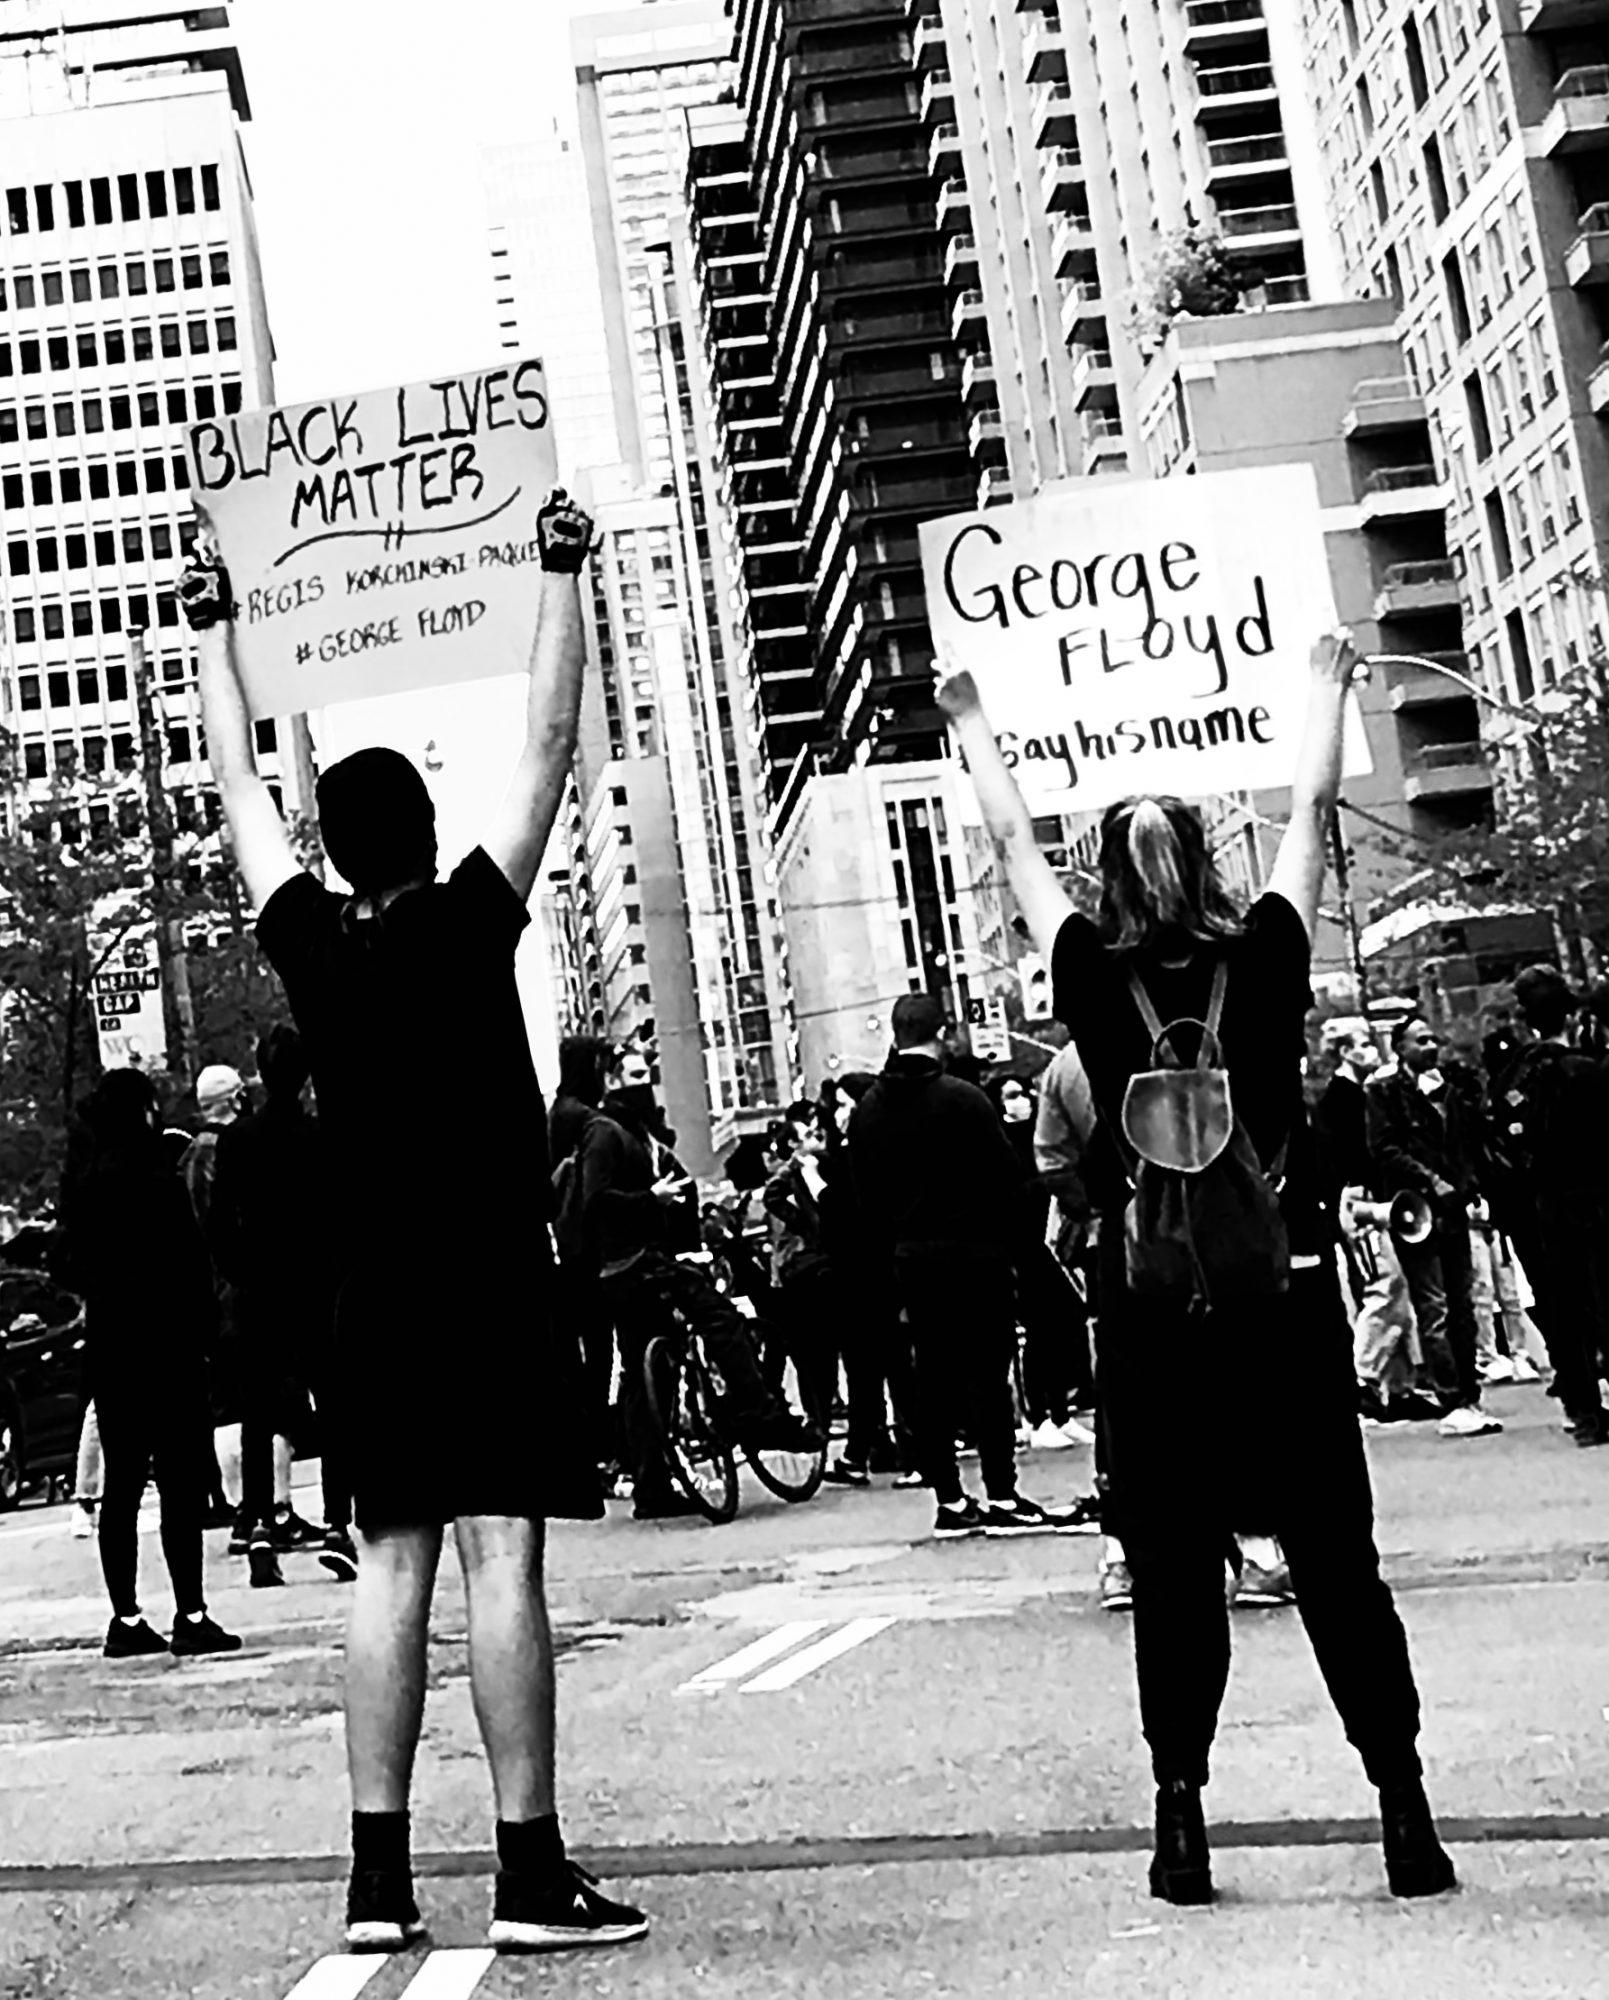 photo of Black Lives Matter - Justice for George Flyod demonstration